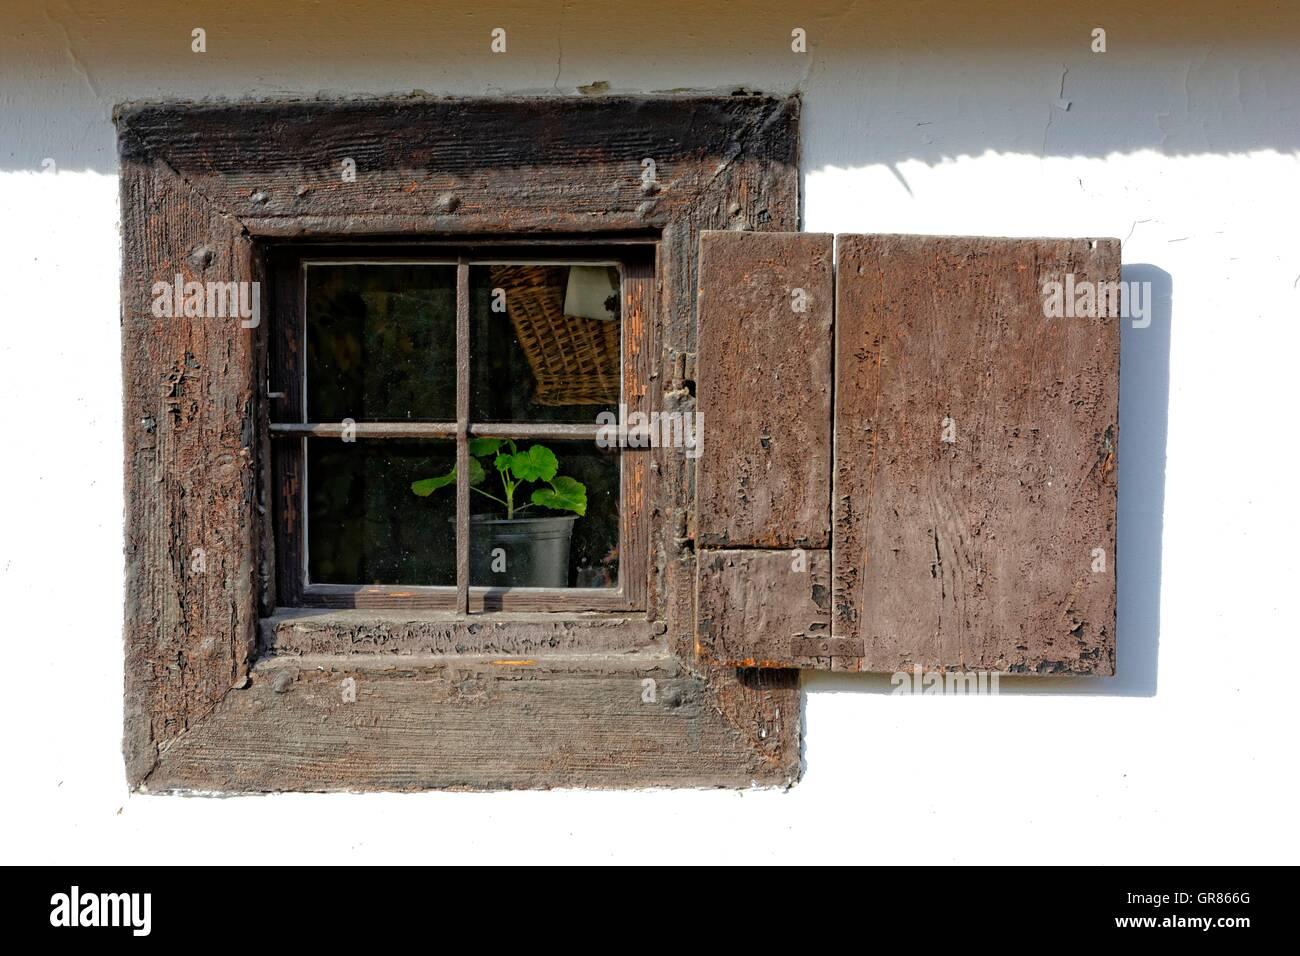 Altes bauernhaus fenster mit fensterl den aus holz stockfoto bild 117579800 alamy - Fenster justieren anleitung mit bildern ...